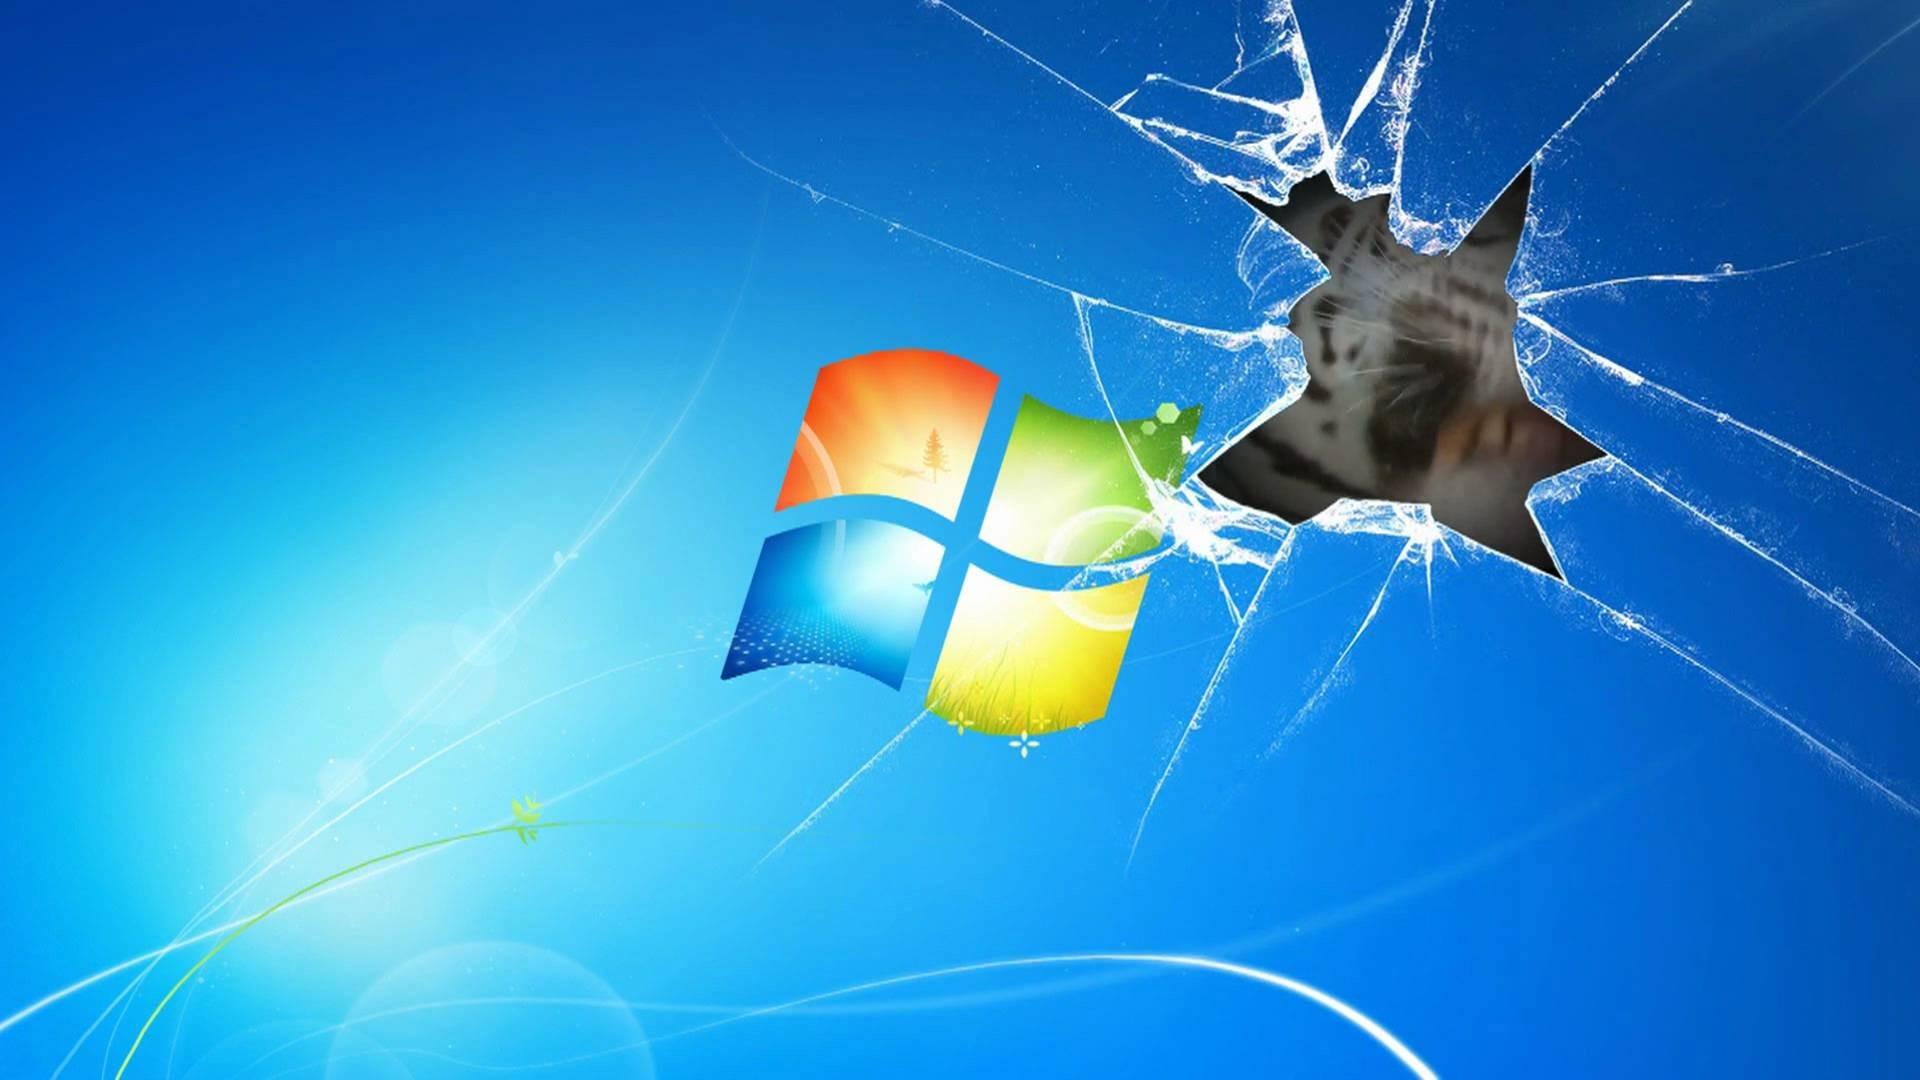 Windows 7 Wallpaper Animated Tiger on broken screen